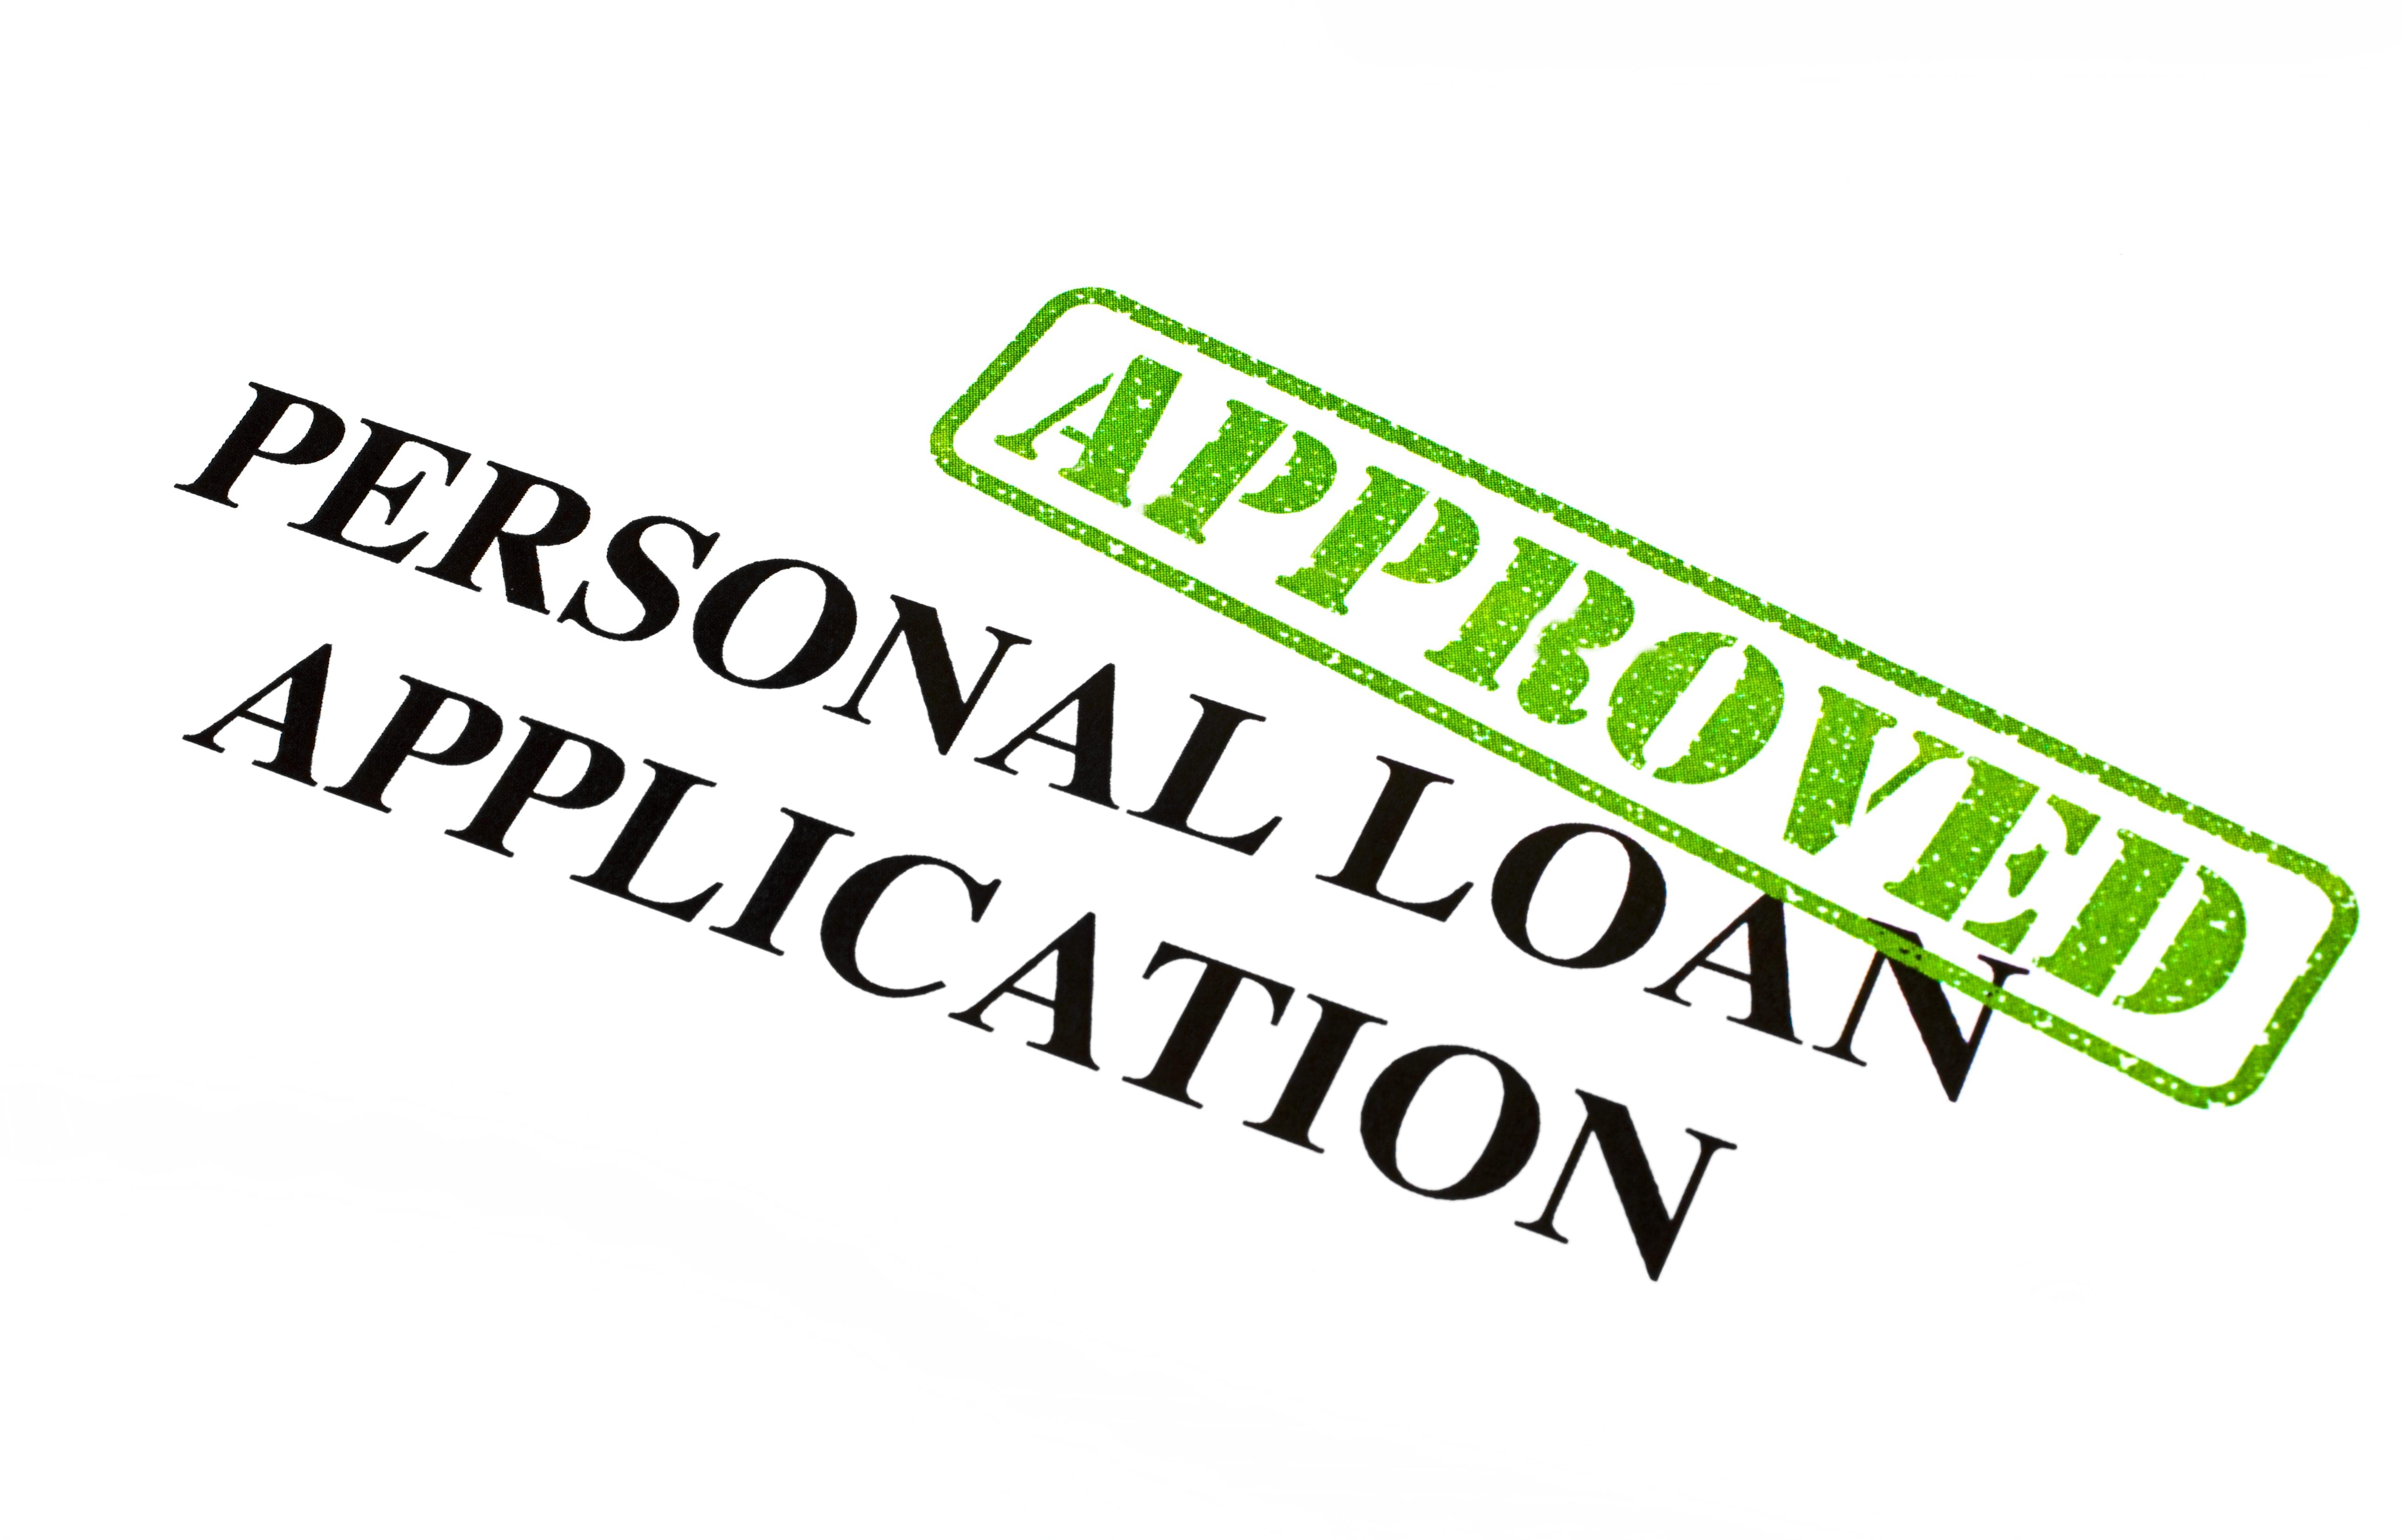 Kerr County Fcu Personal Loans